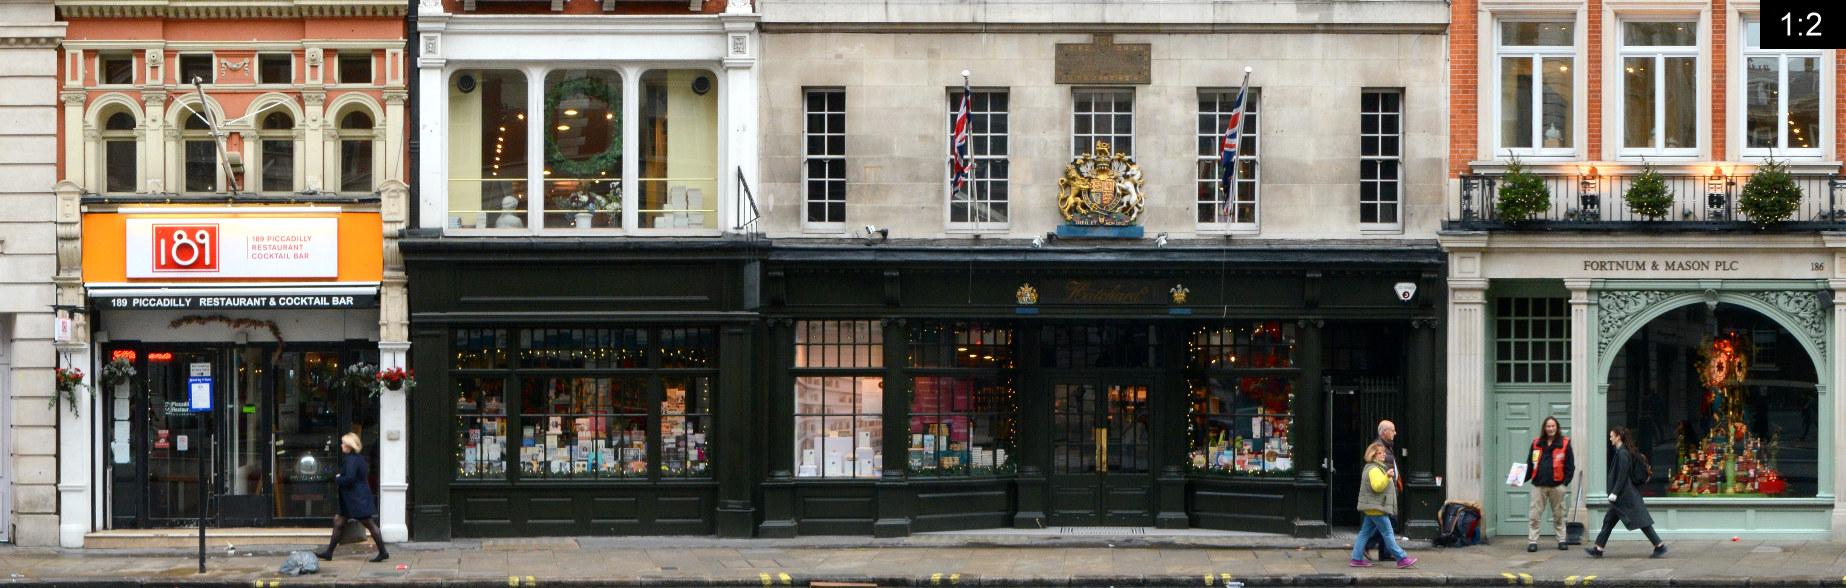 Piccadilly fortnum and mason london united kingdom for Maison mason